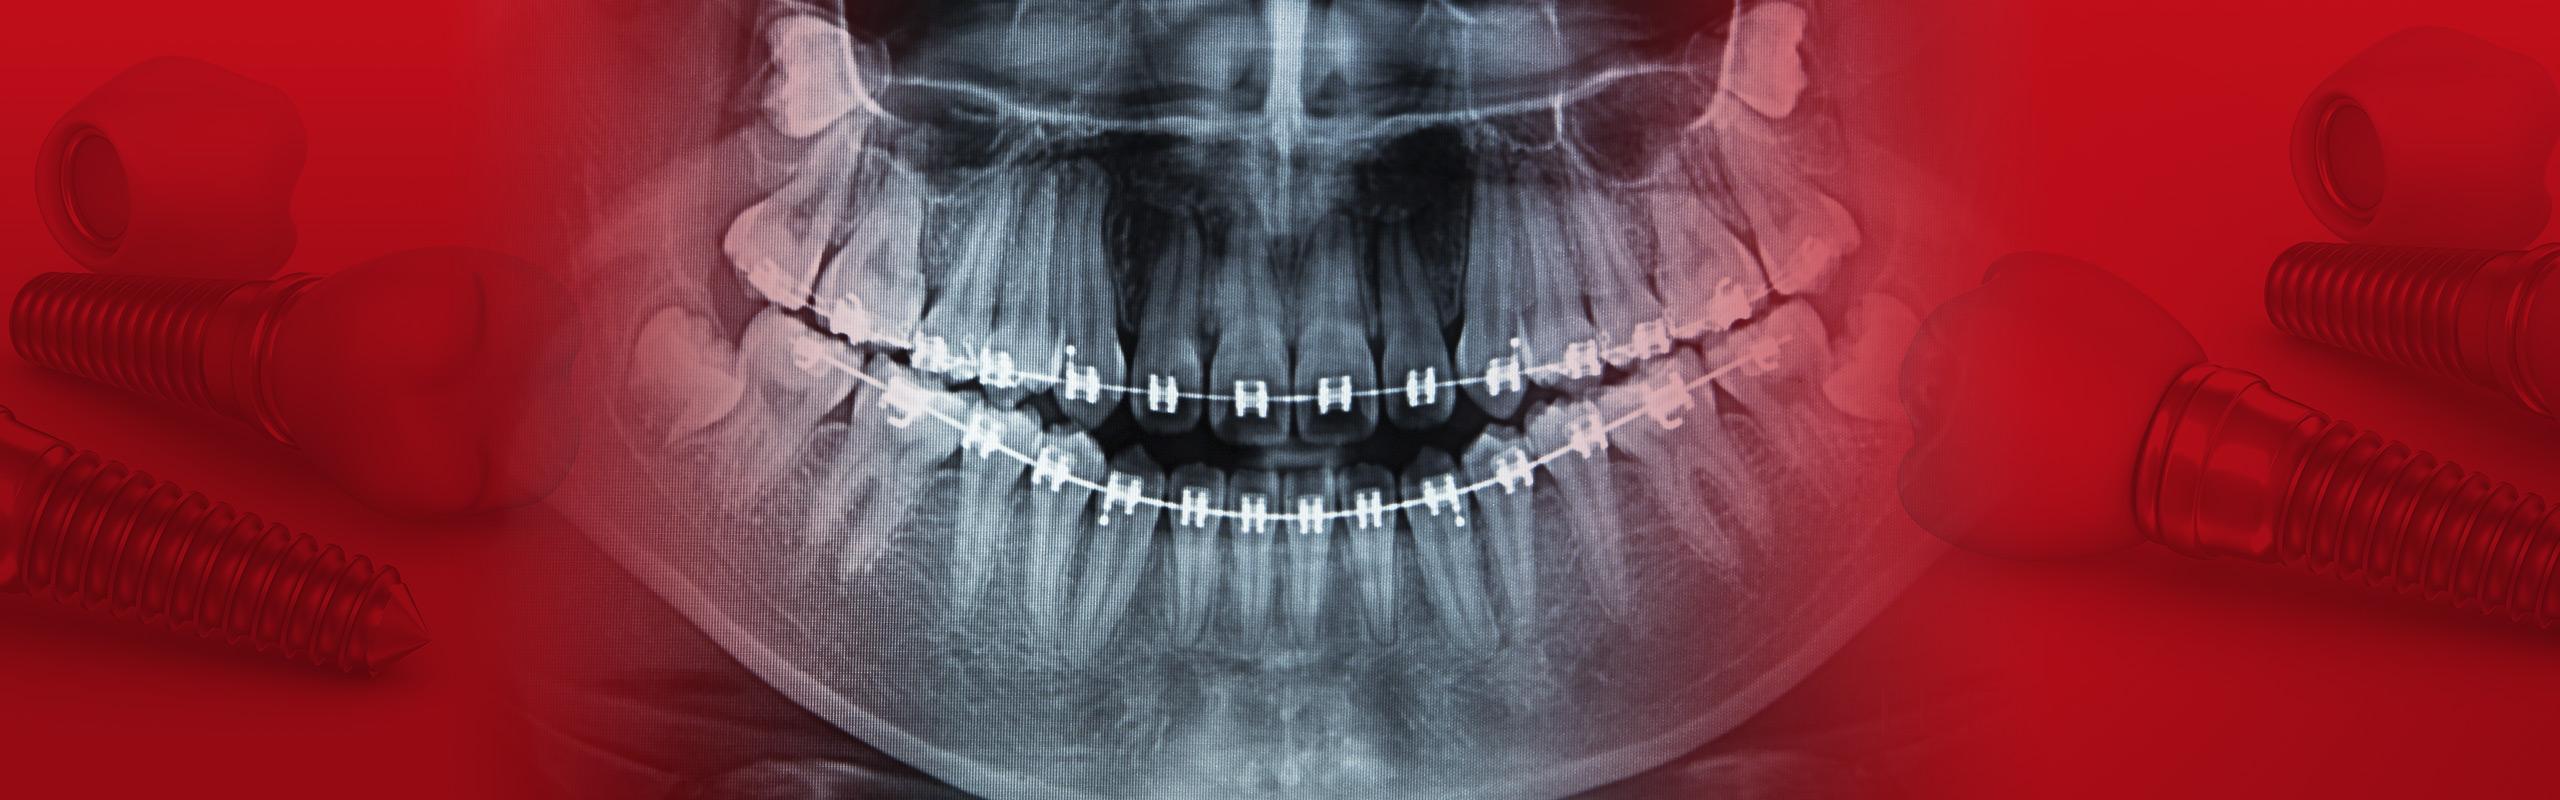 pantomografia1